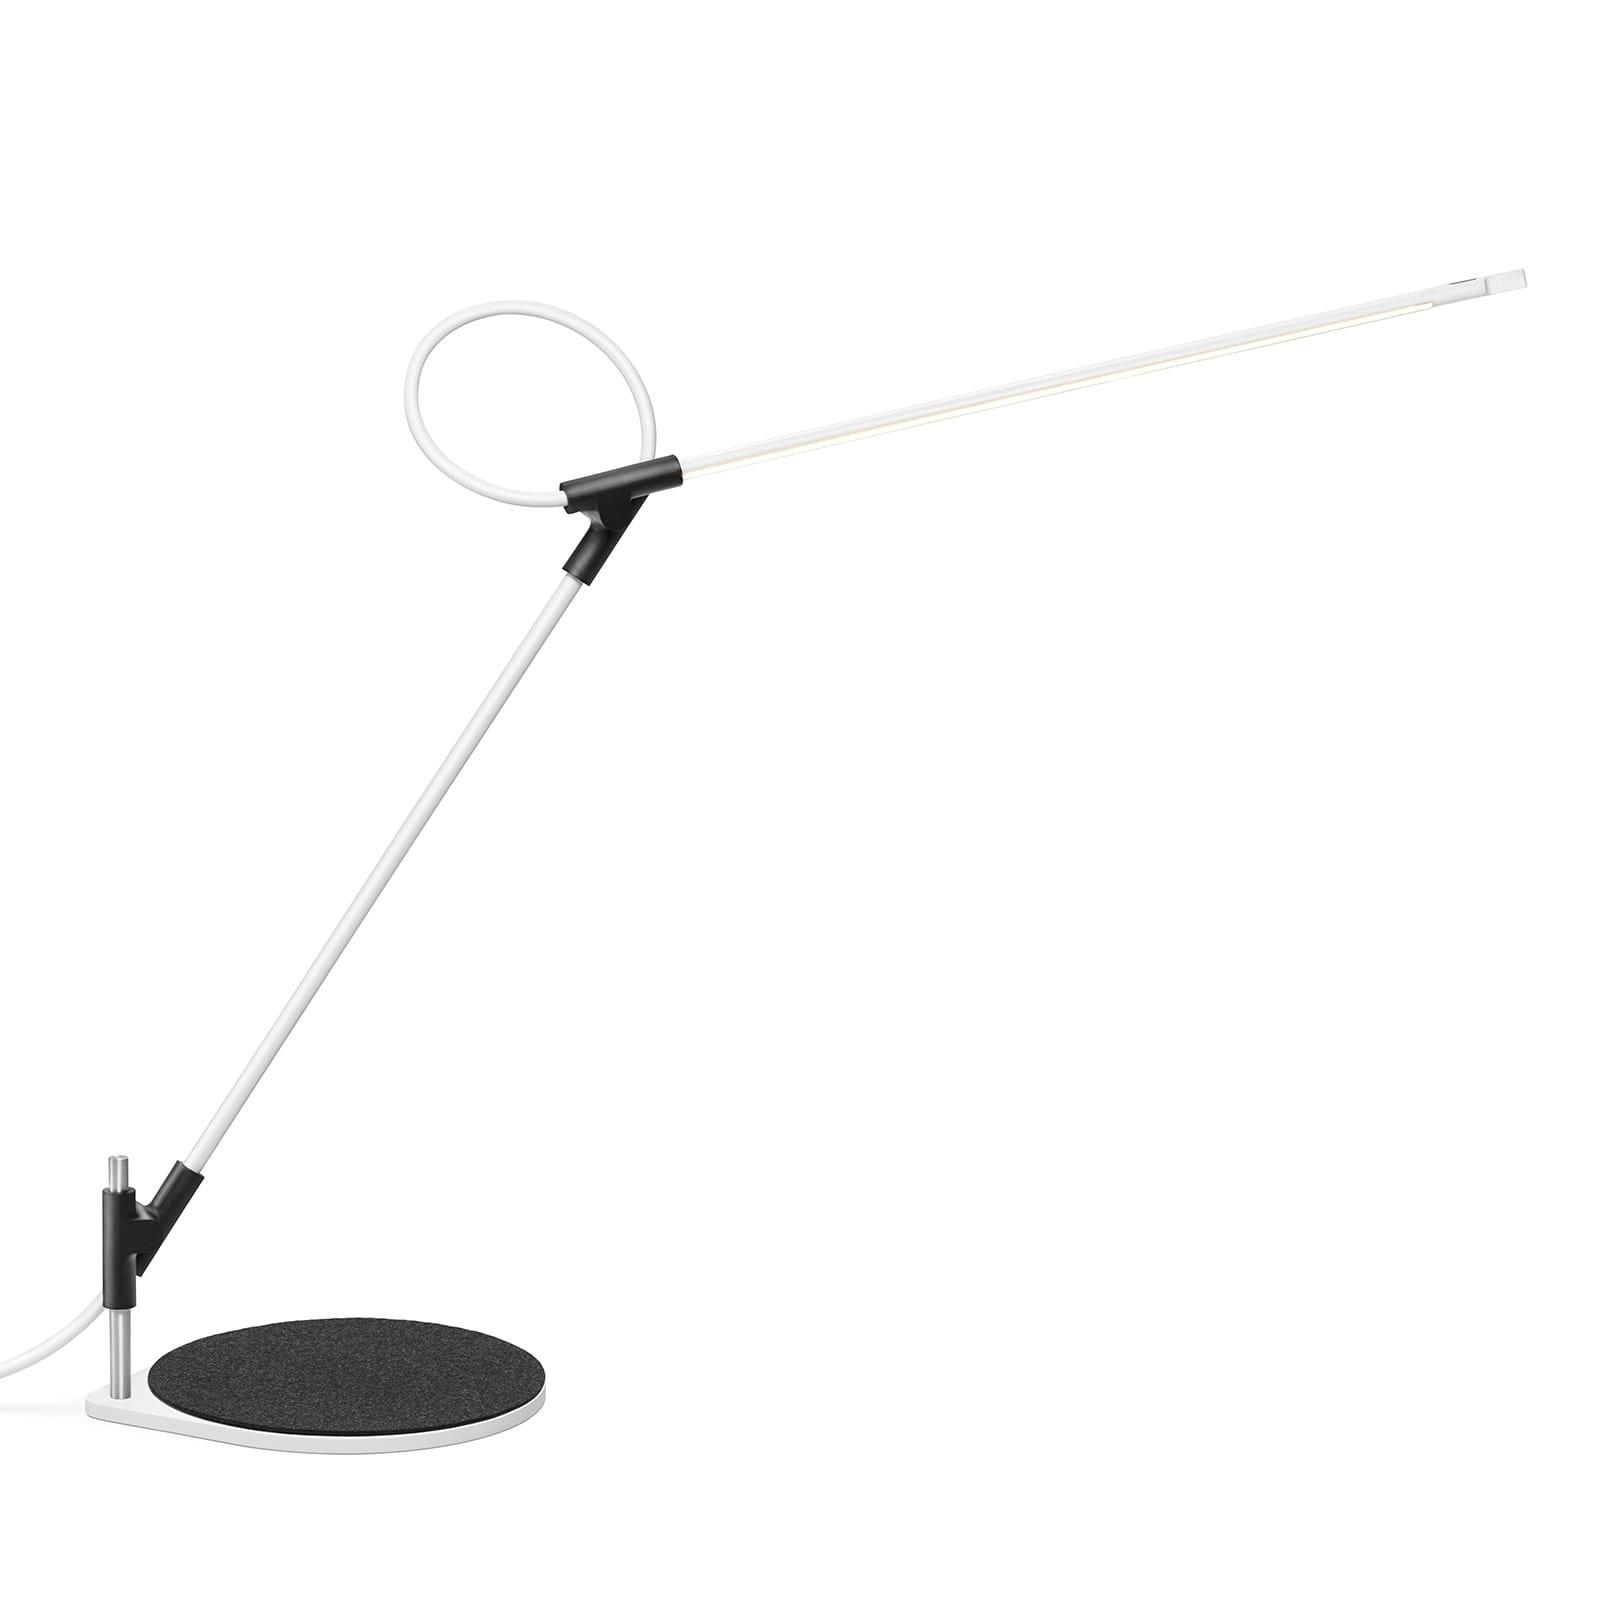 Superlight LED Desk Lamp (White) - Pablo Designs